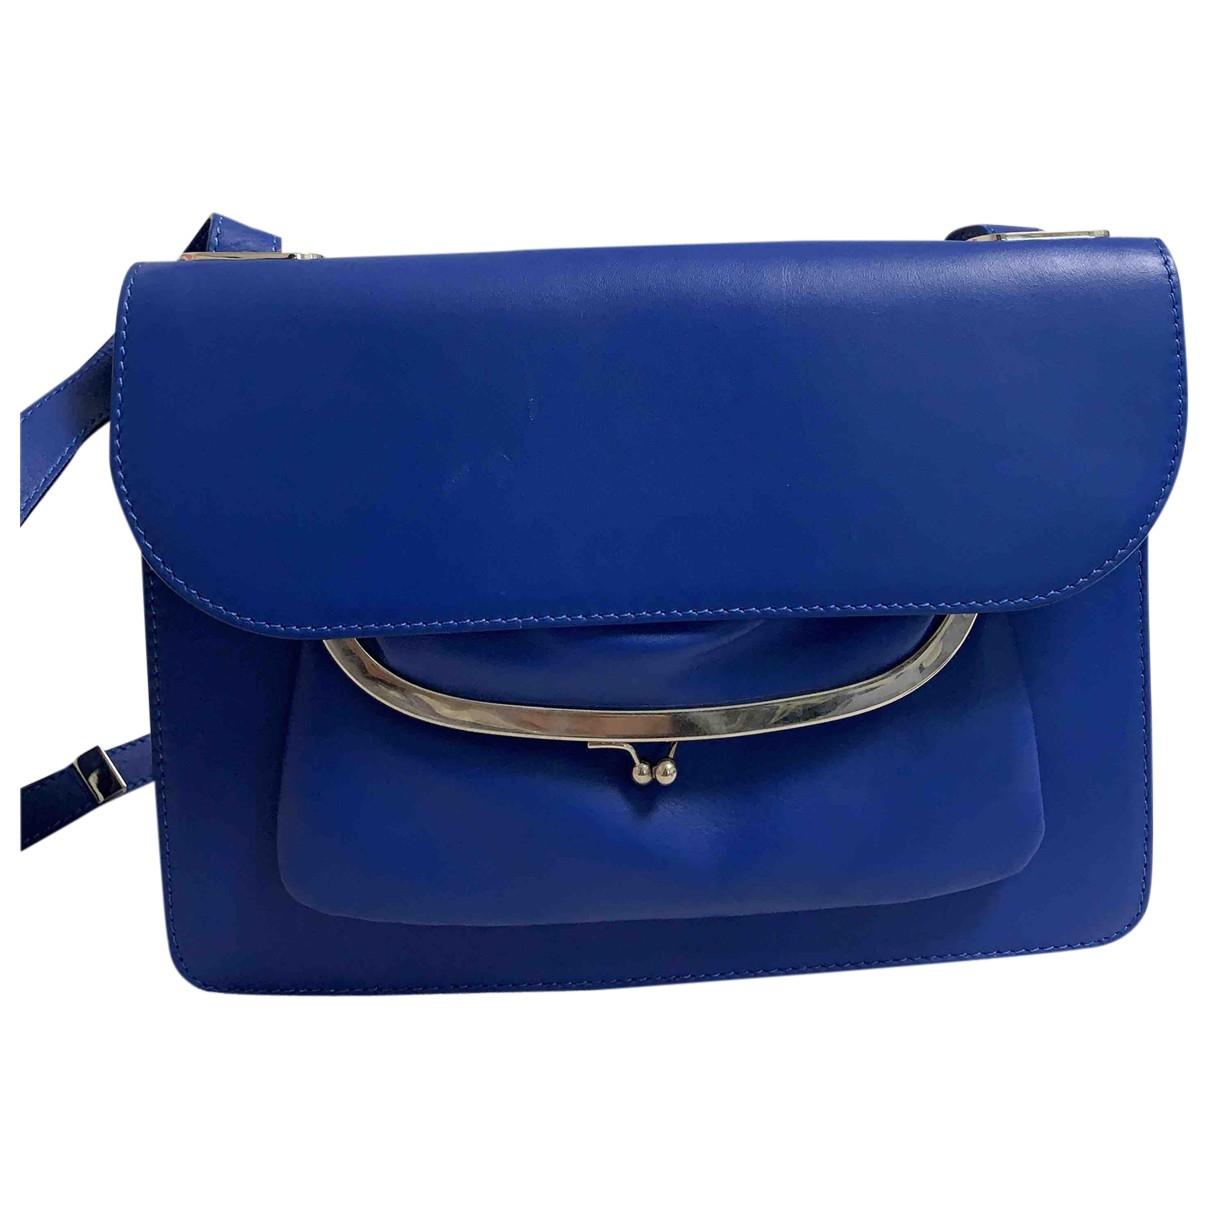 Maison Martin Margiela \N Blue Leather handbag for Women \N